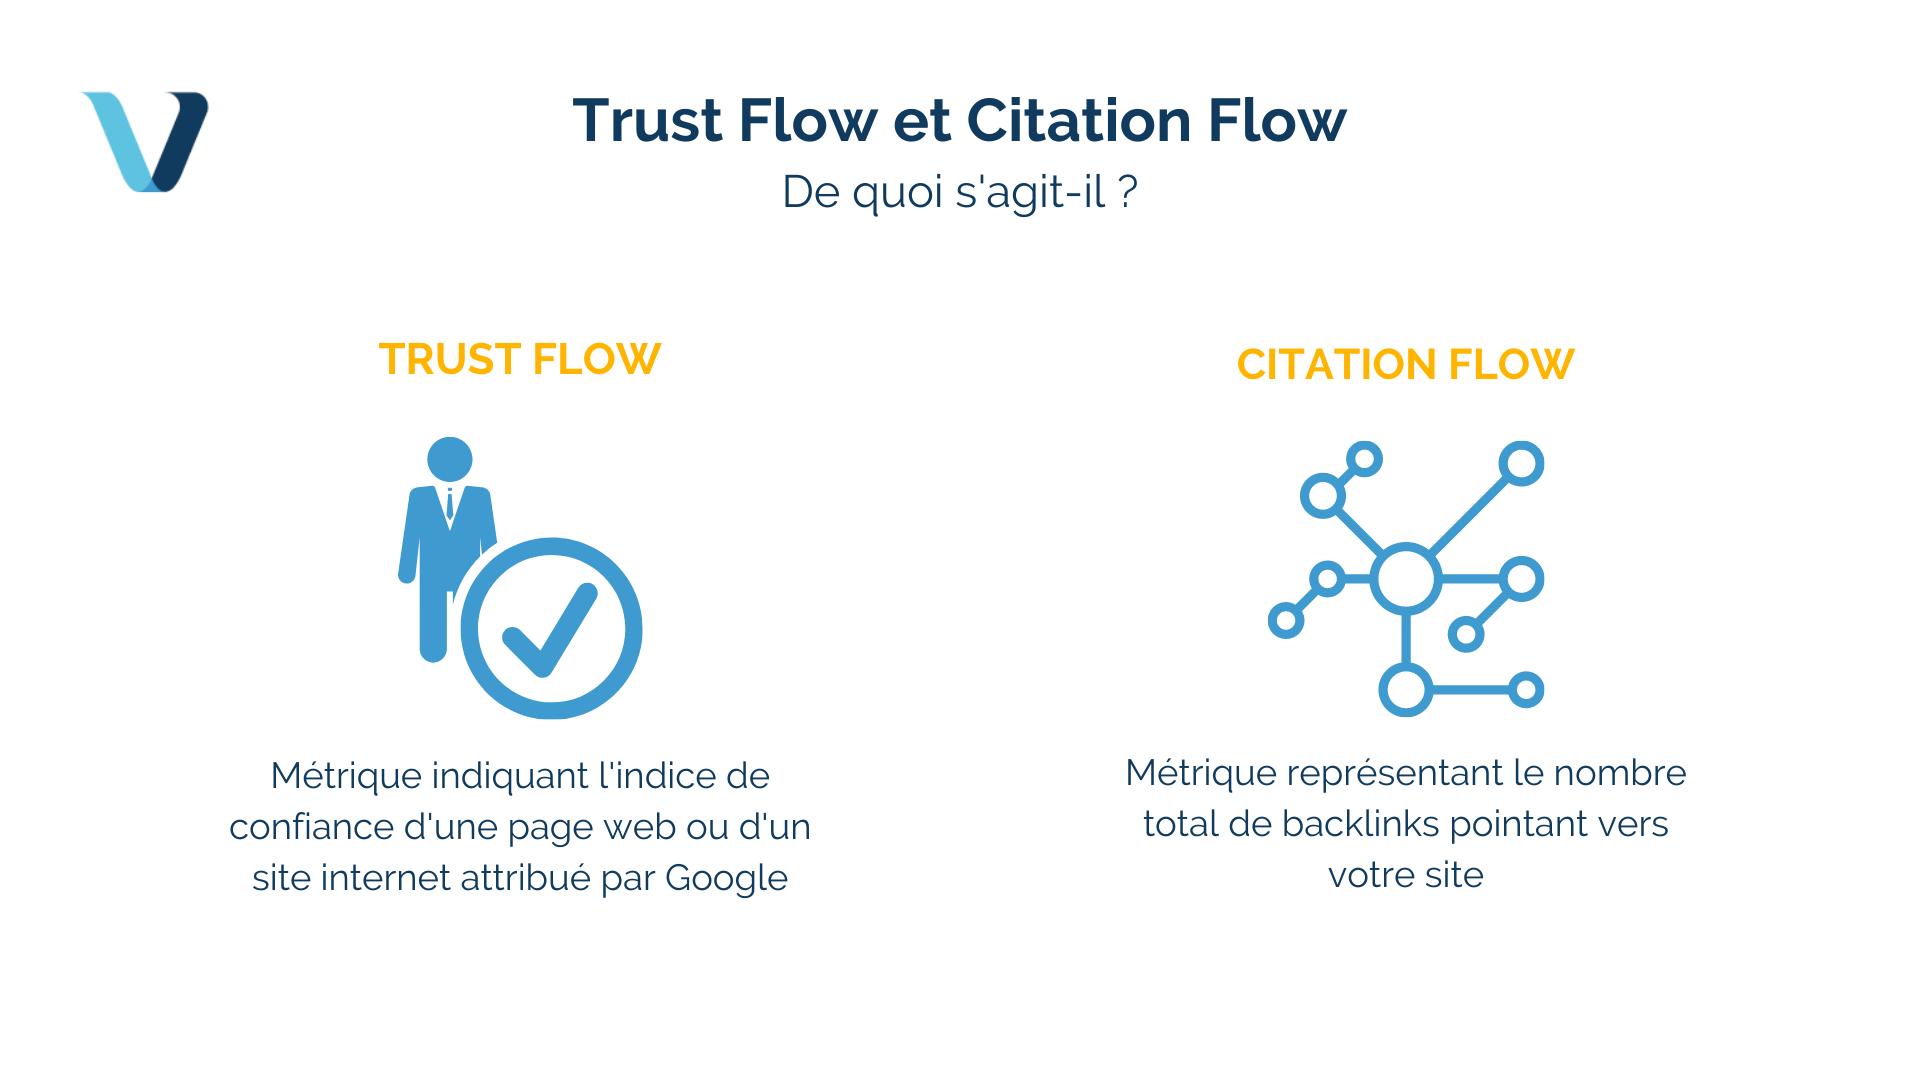 Qu'est que ce que sont le Trust Flow et le Citation Flow ?